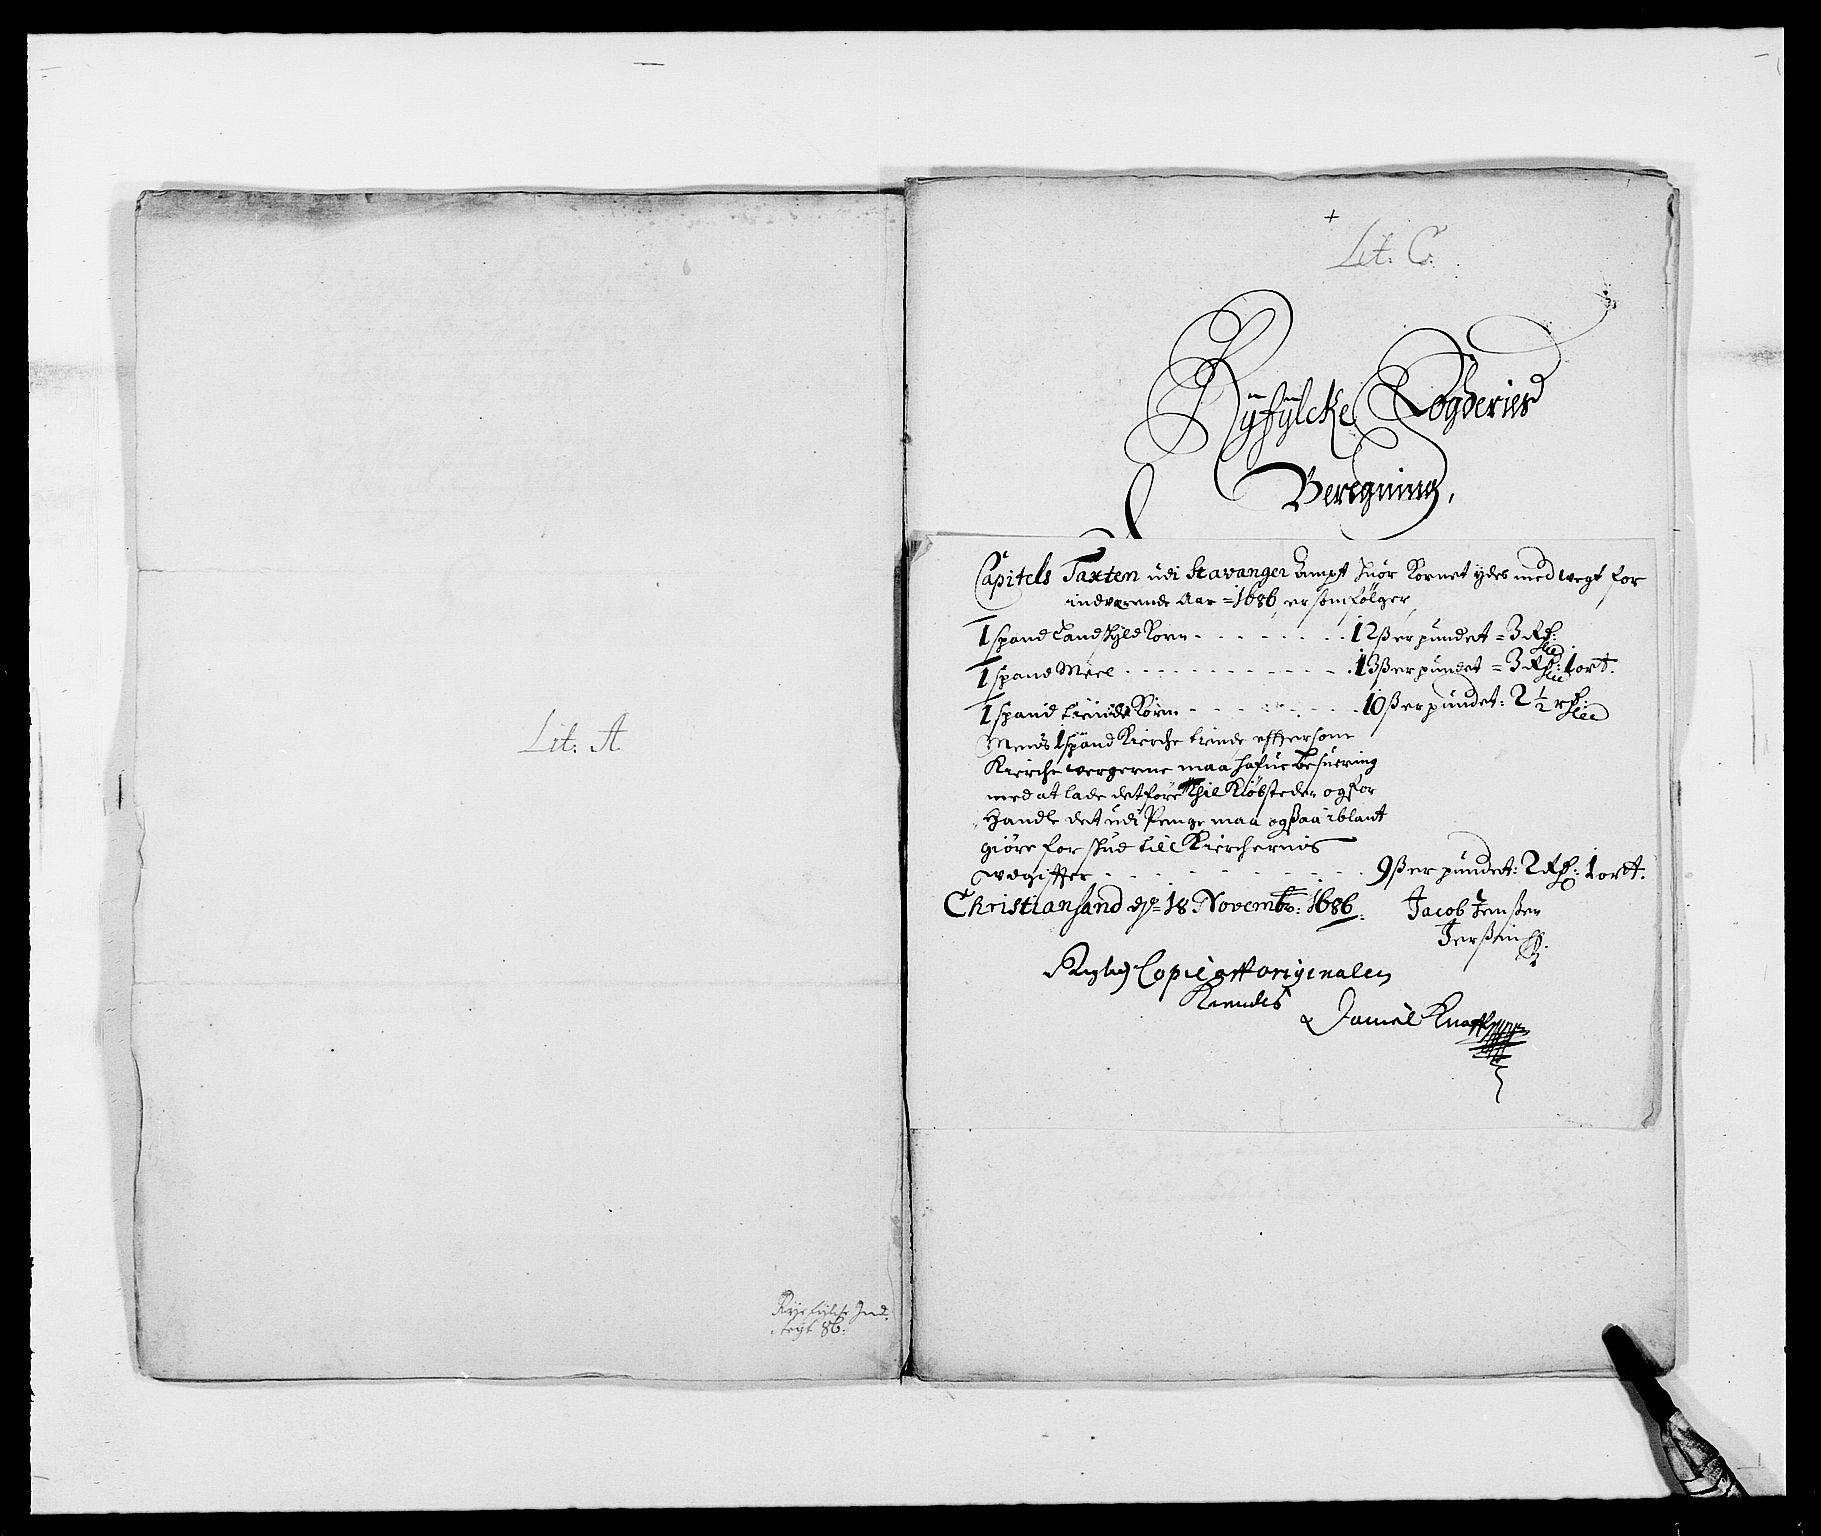 RA, Rentekammeret inntil 1814, Reviderte regnskaper, Fogderegnskap, R47/L2855: Fogderegnskap Ryfylke, 1685-1688, s. 127